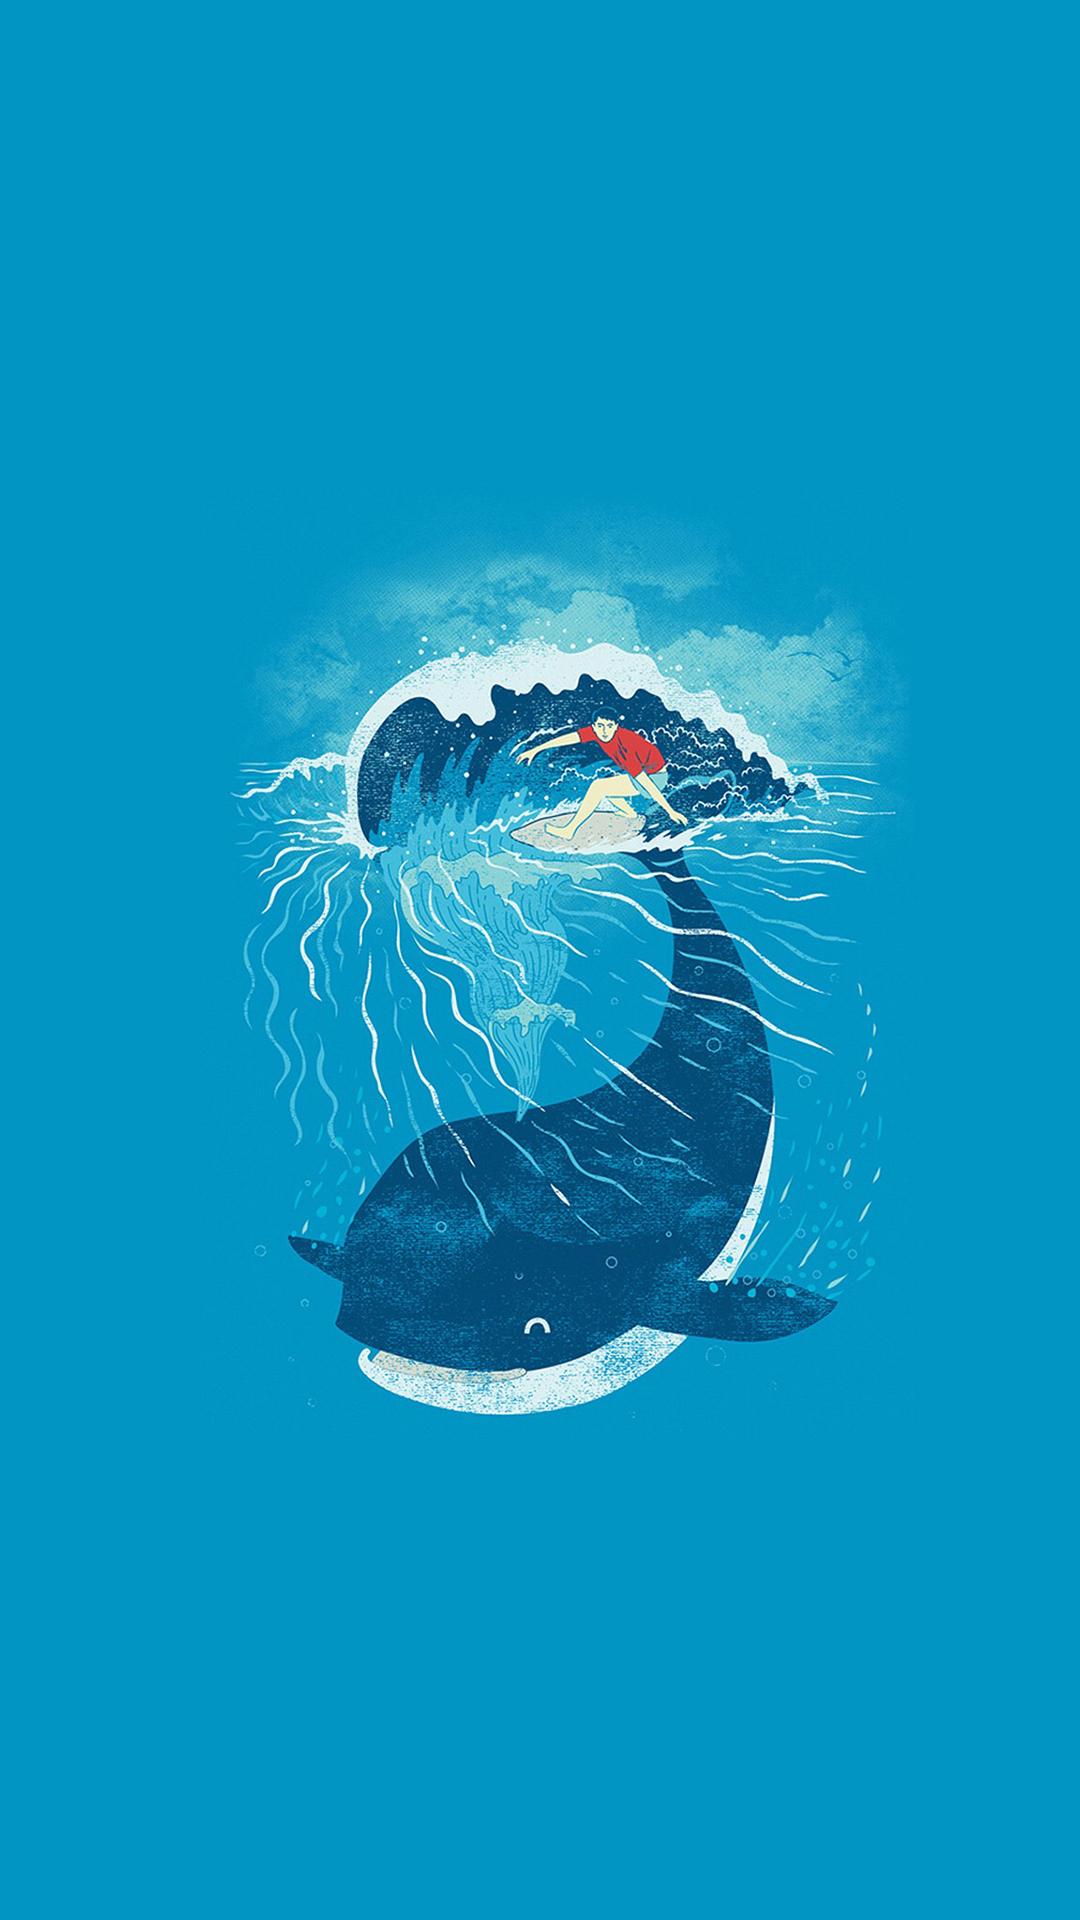 鲸鱼 滑板 插画 大海 海浪 蓝色 苹果手机高清壁纸 x